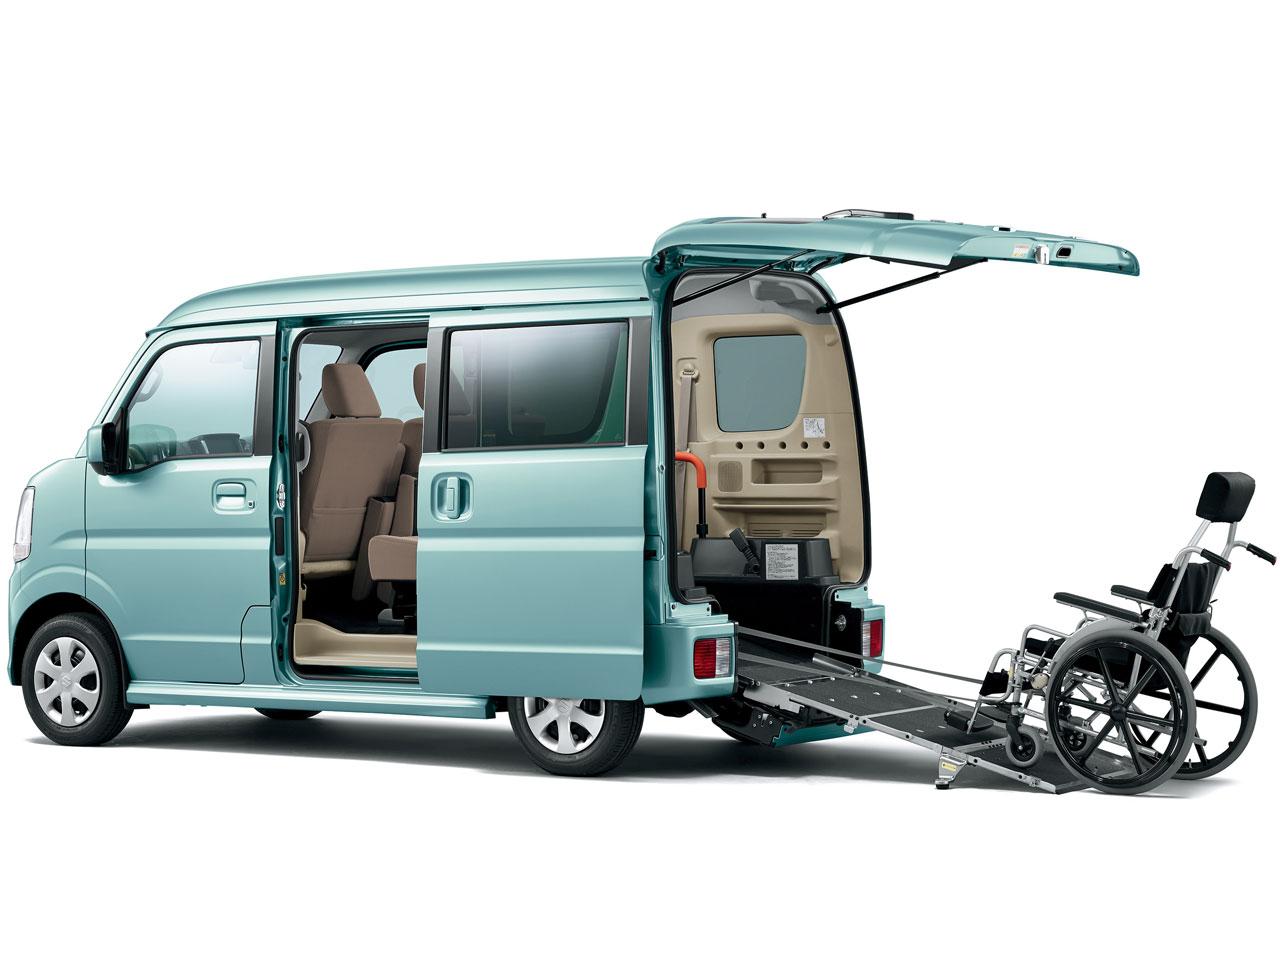 スズキ エブリイワゴン 福祉車両 2015年モデル 新車画像